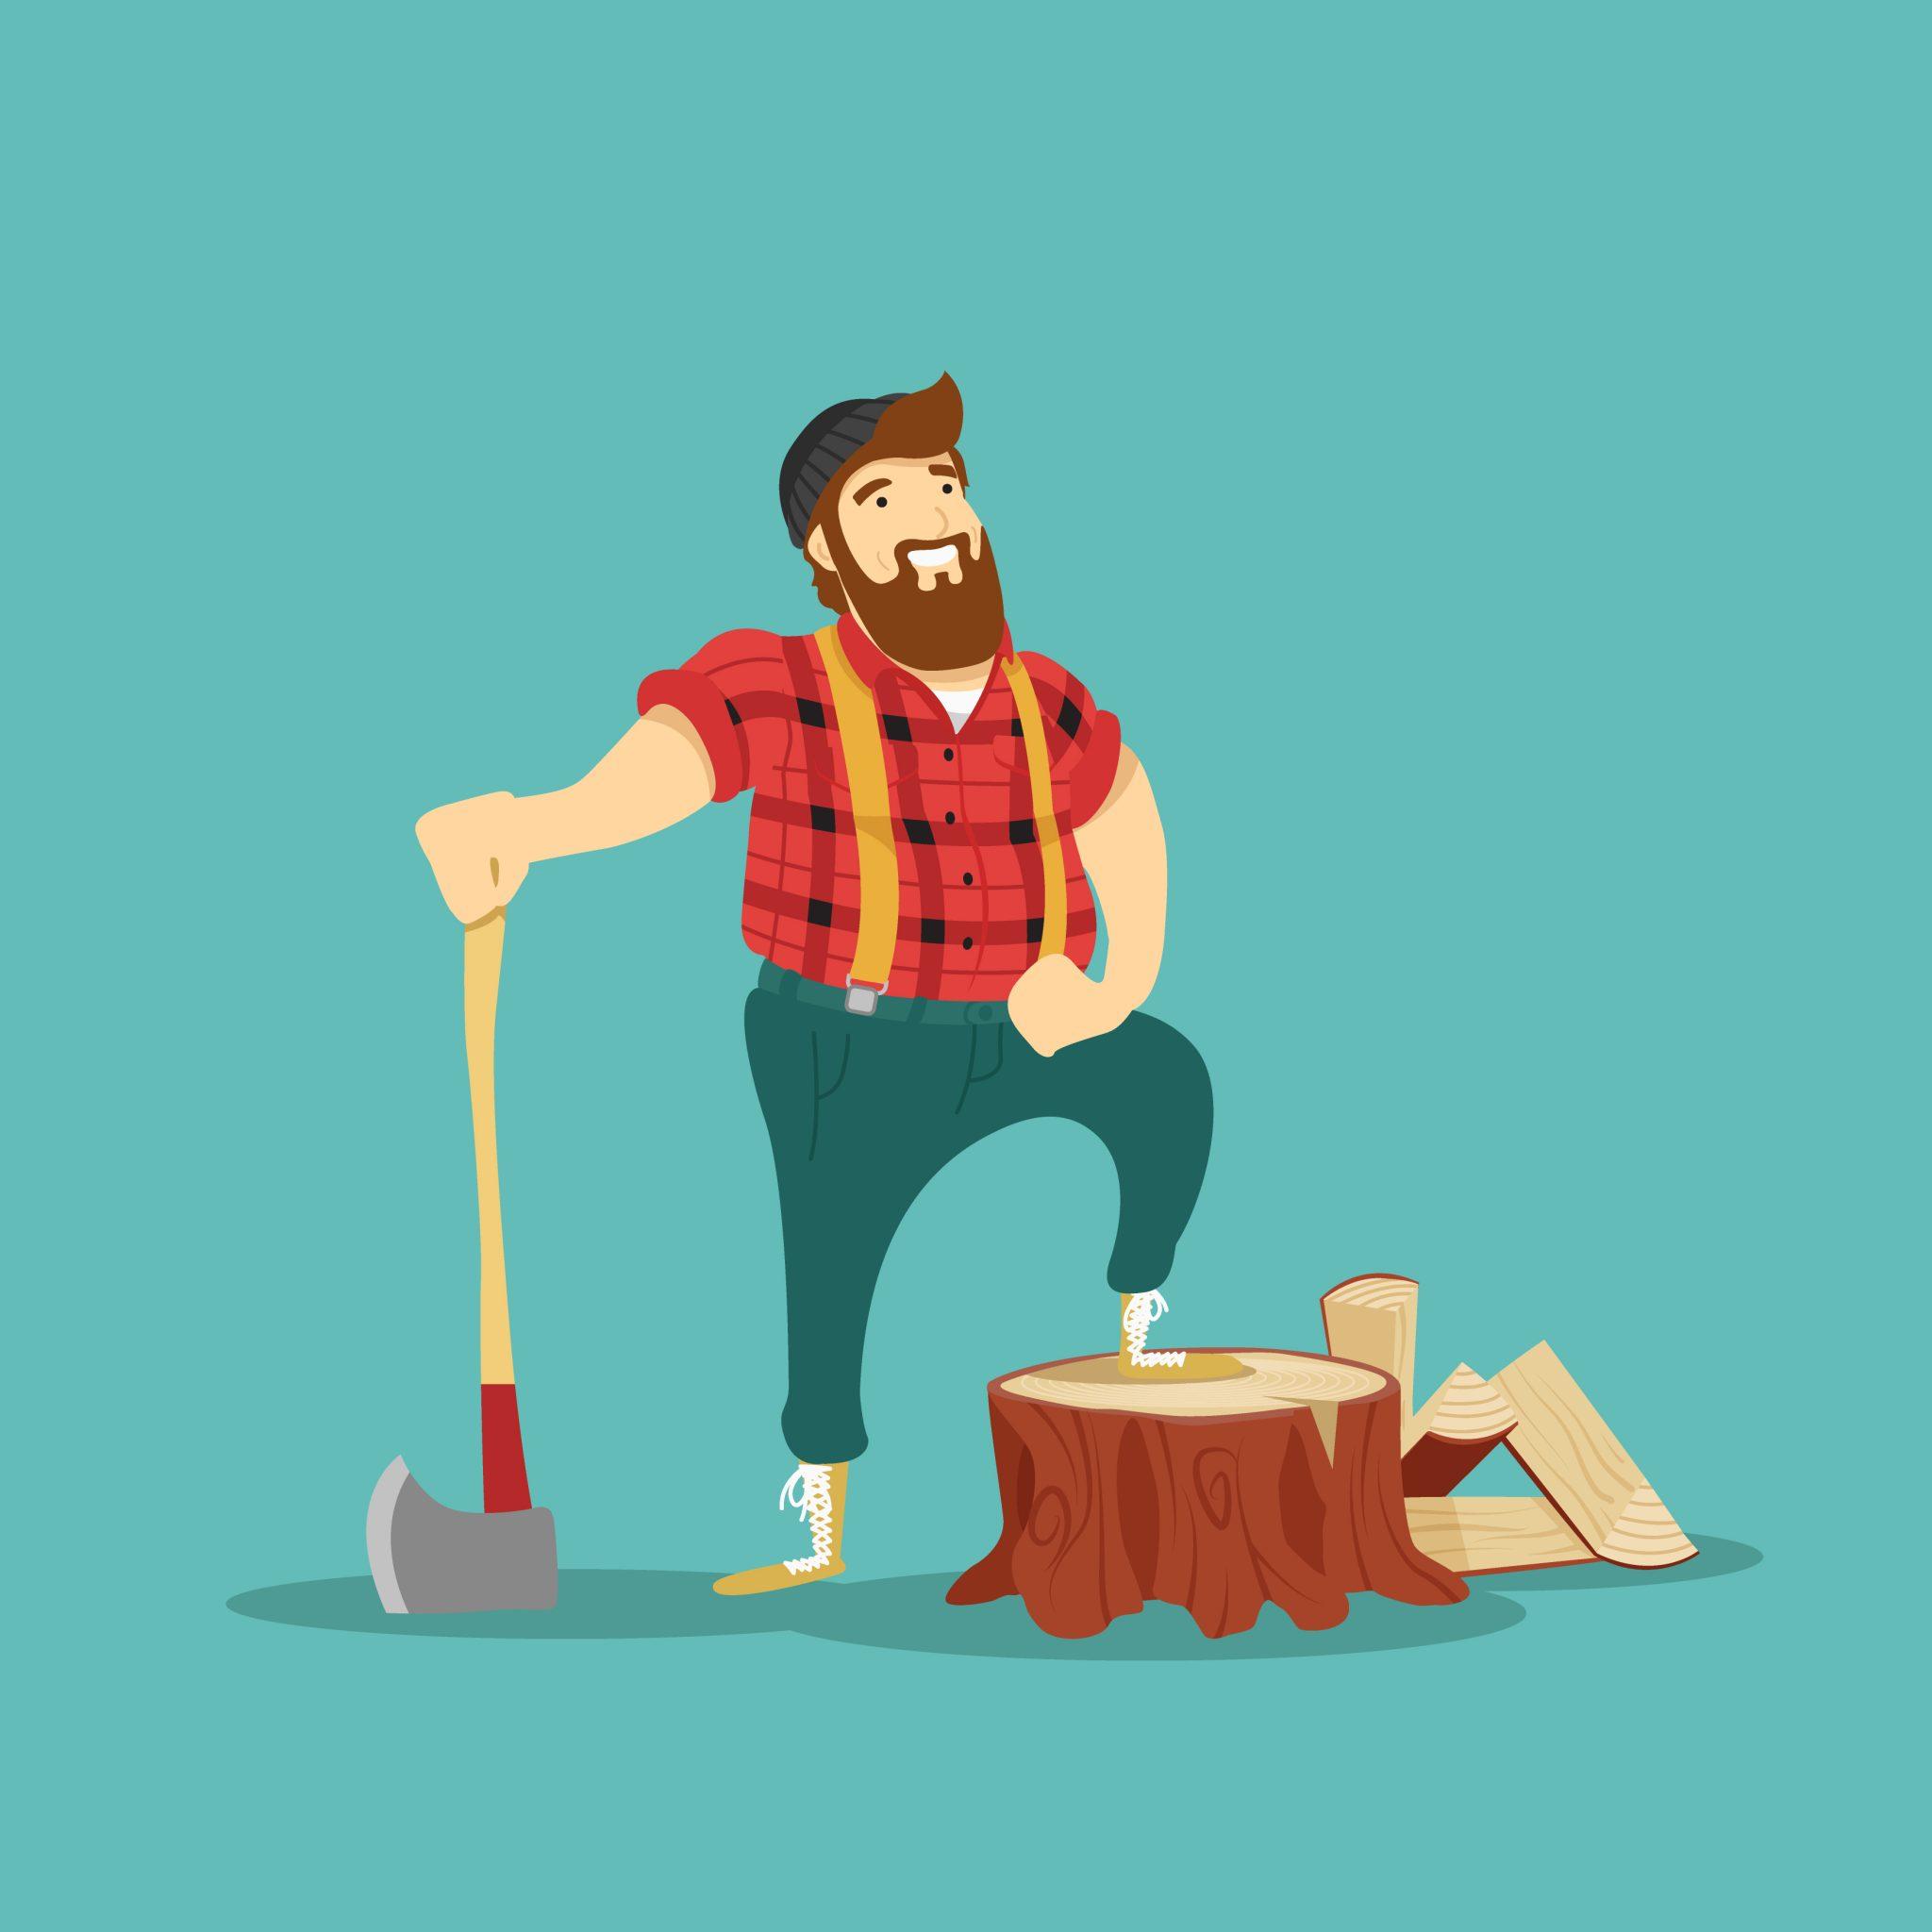 木を切る前に刃を磨く